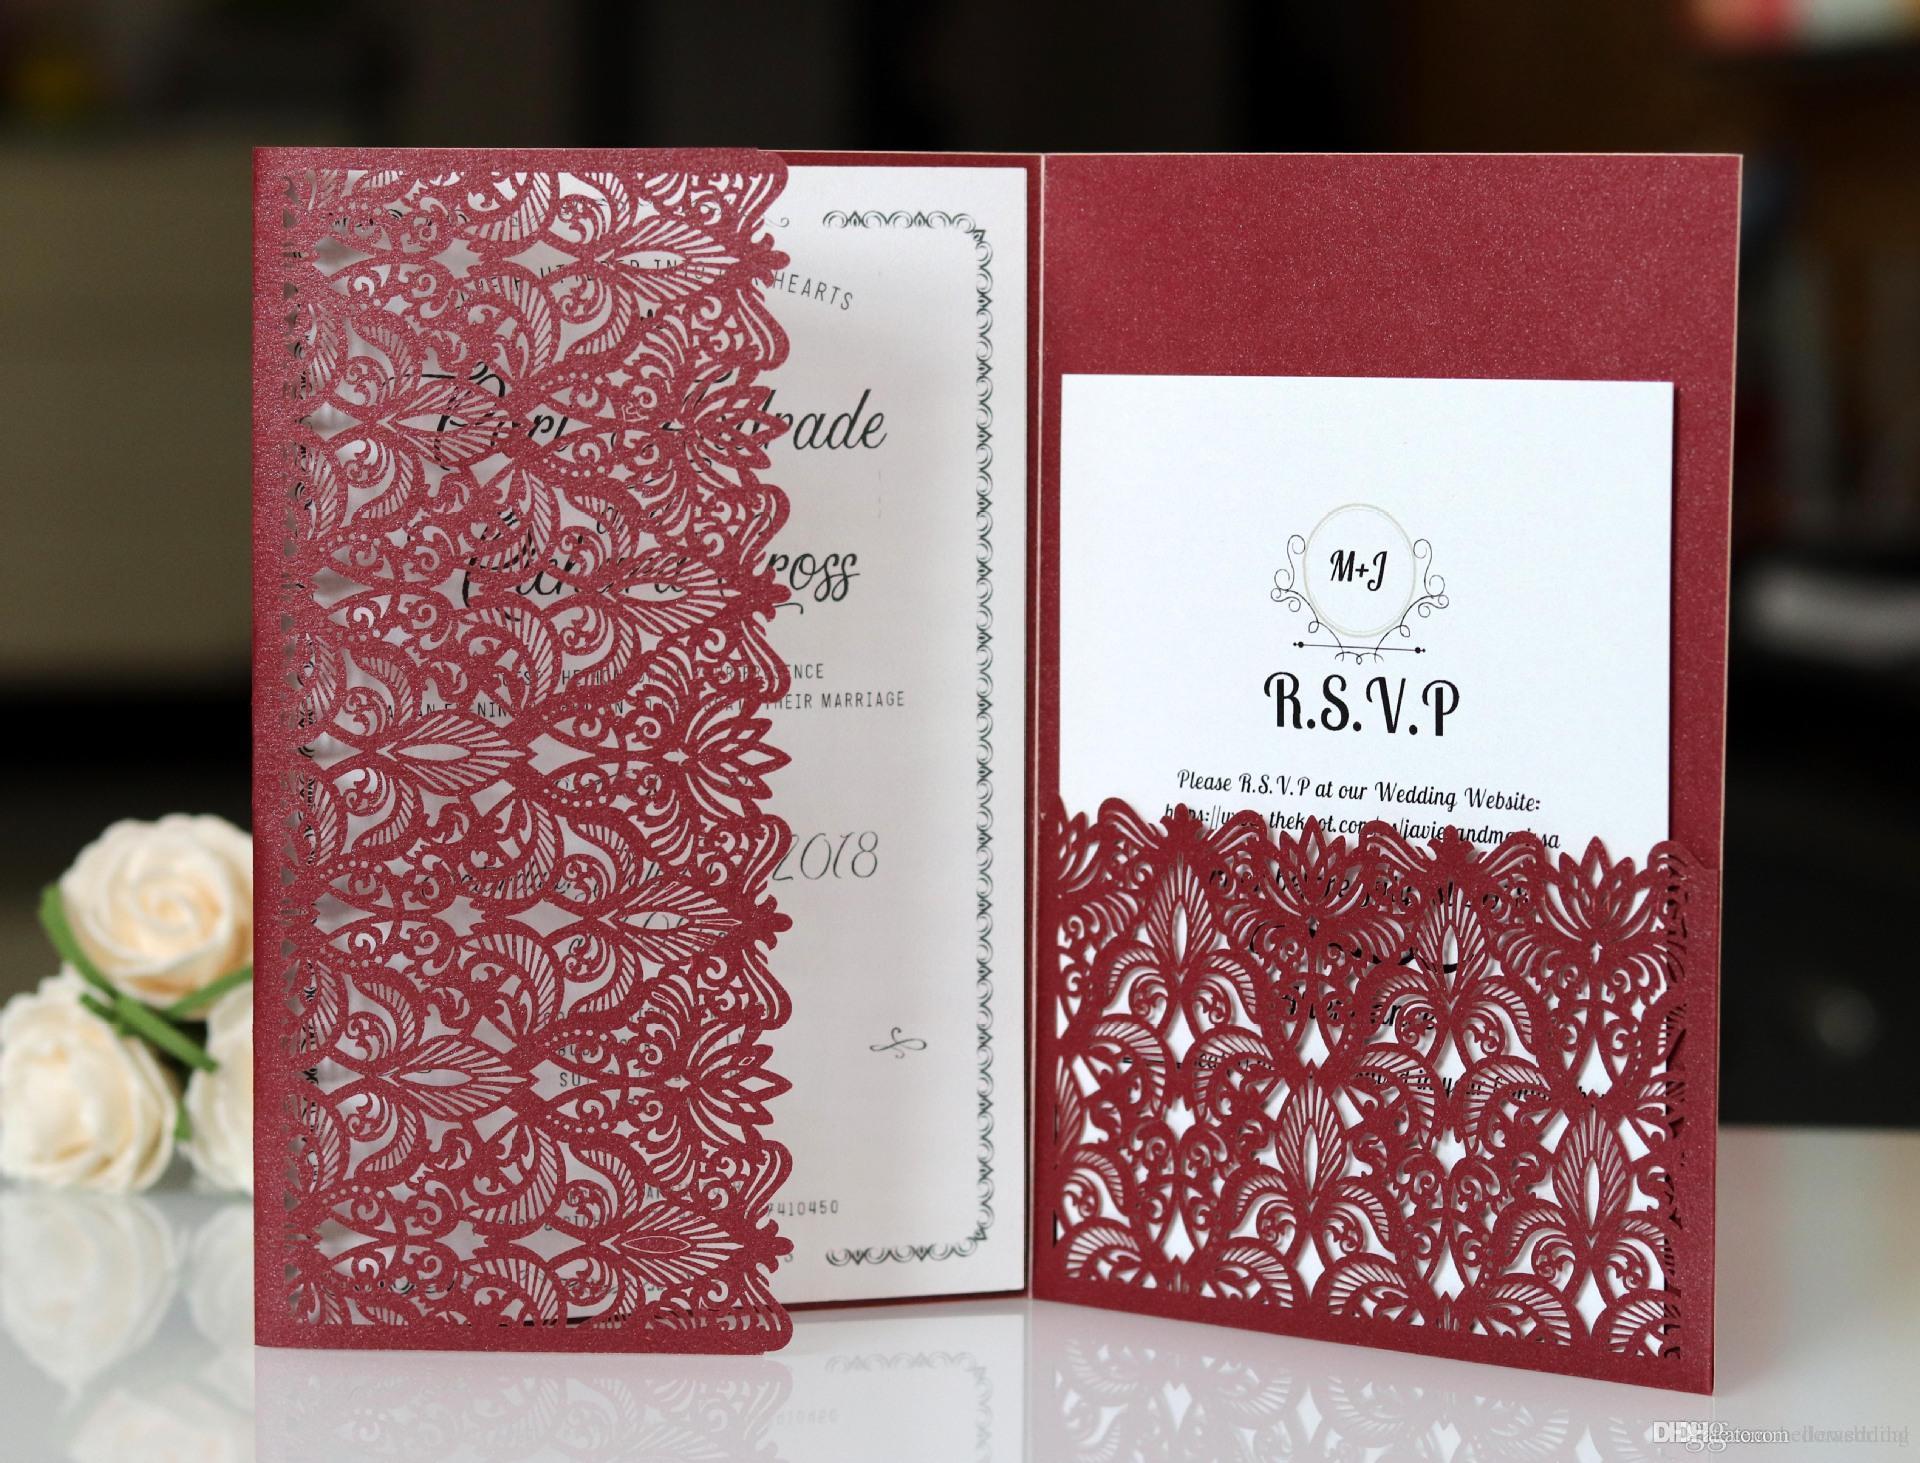 Лазерная резка свадебные приглашения с RSVP карты Бургундия индивидуальные цветы сложенные свадебные приглашения карты с конвертами BW-HK153B